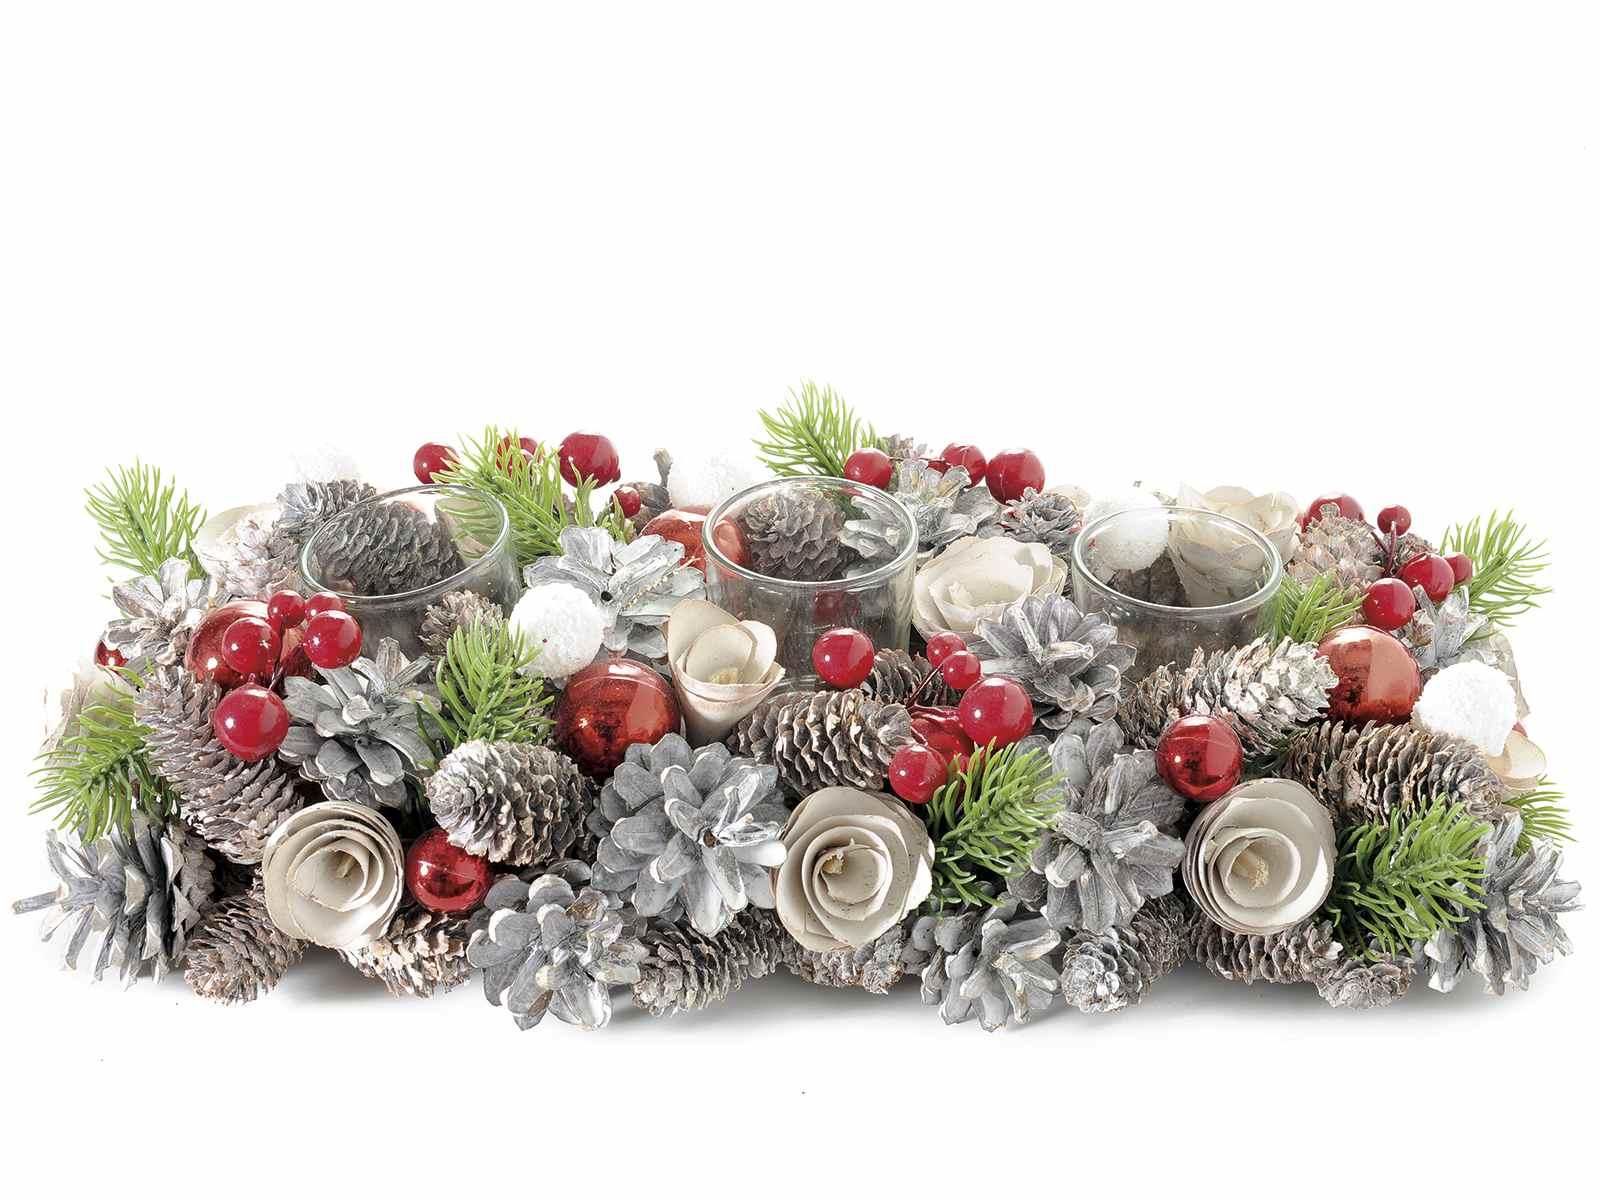 Antica soffitta centrotavola natalizio pigne addobbi for Centrotavola natale pigne